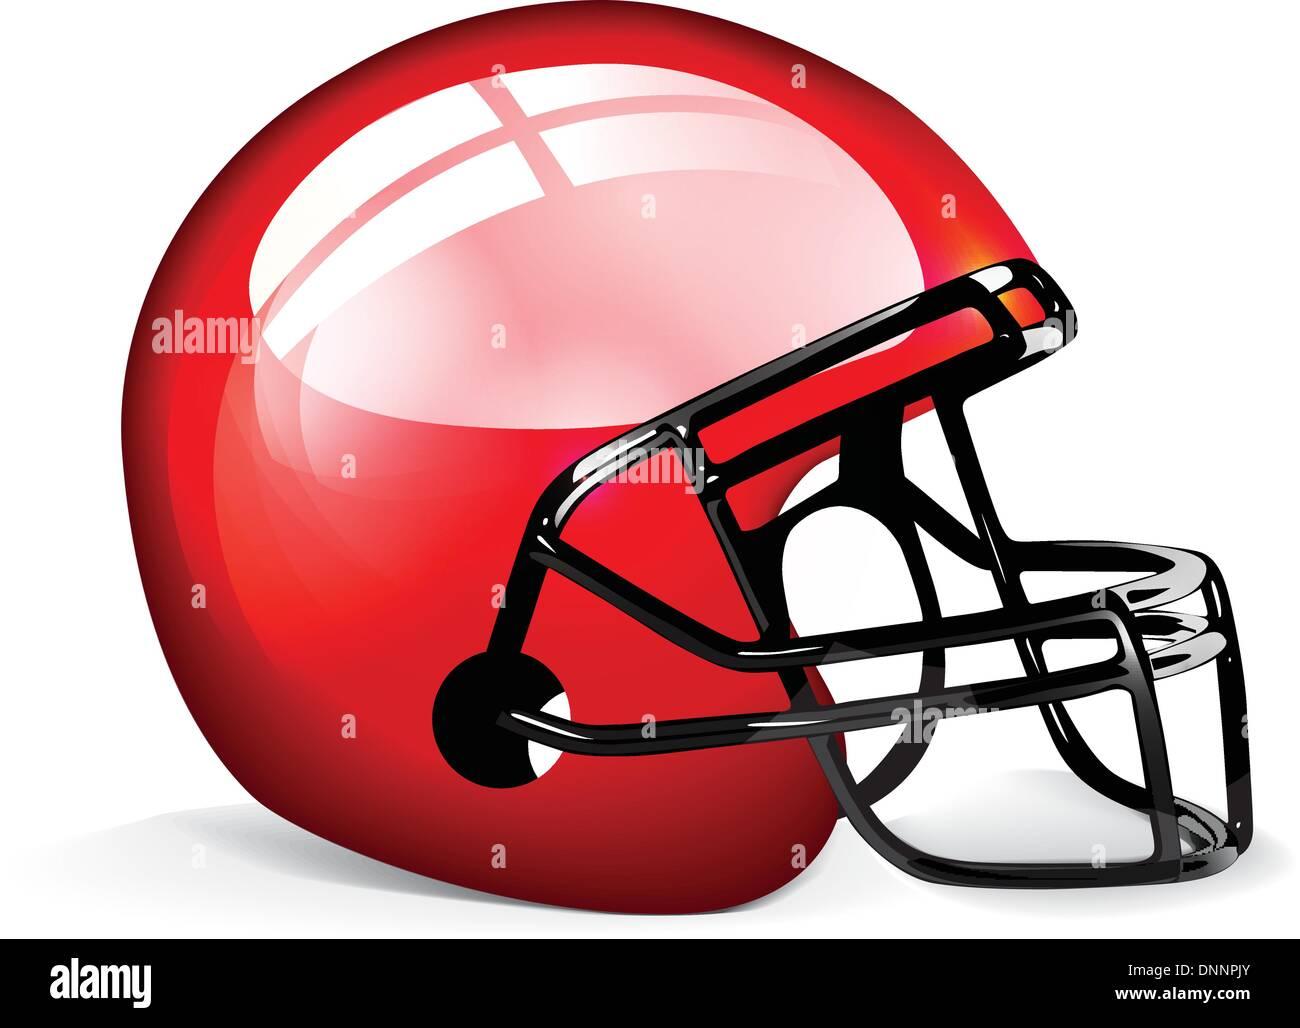 Red casco da football isolate su sfondo bianco Immagini Stock